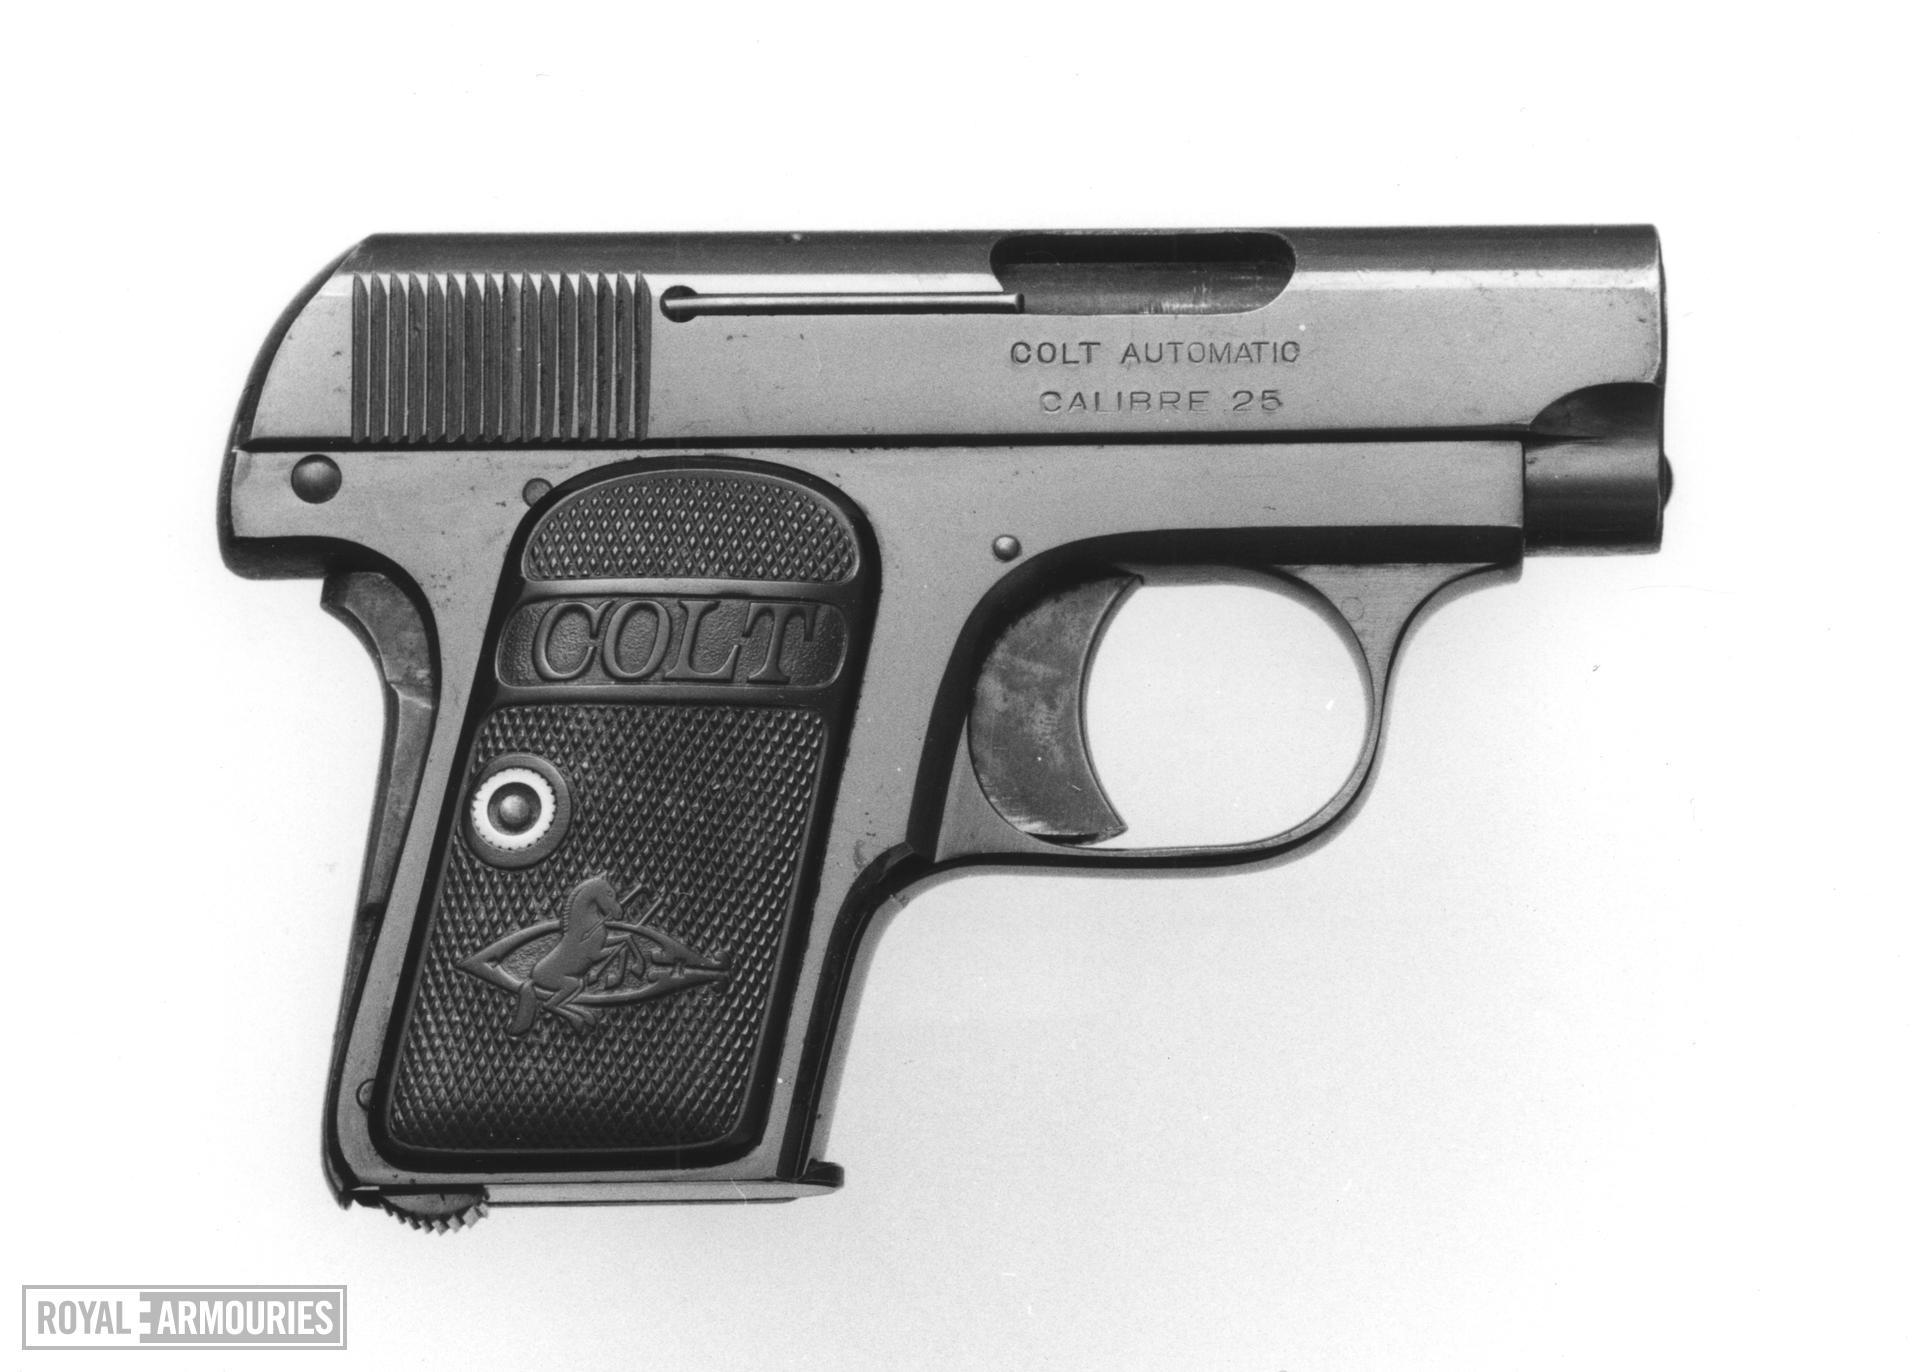 Centrefire self-loading pistol - Colt Model 1903